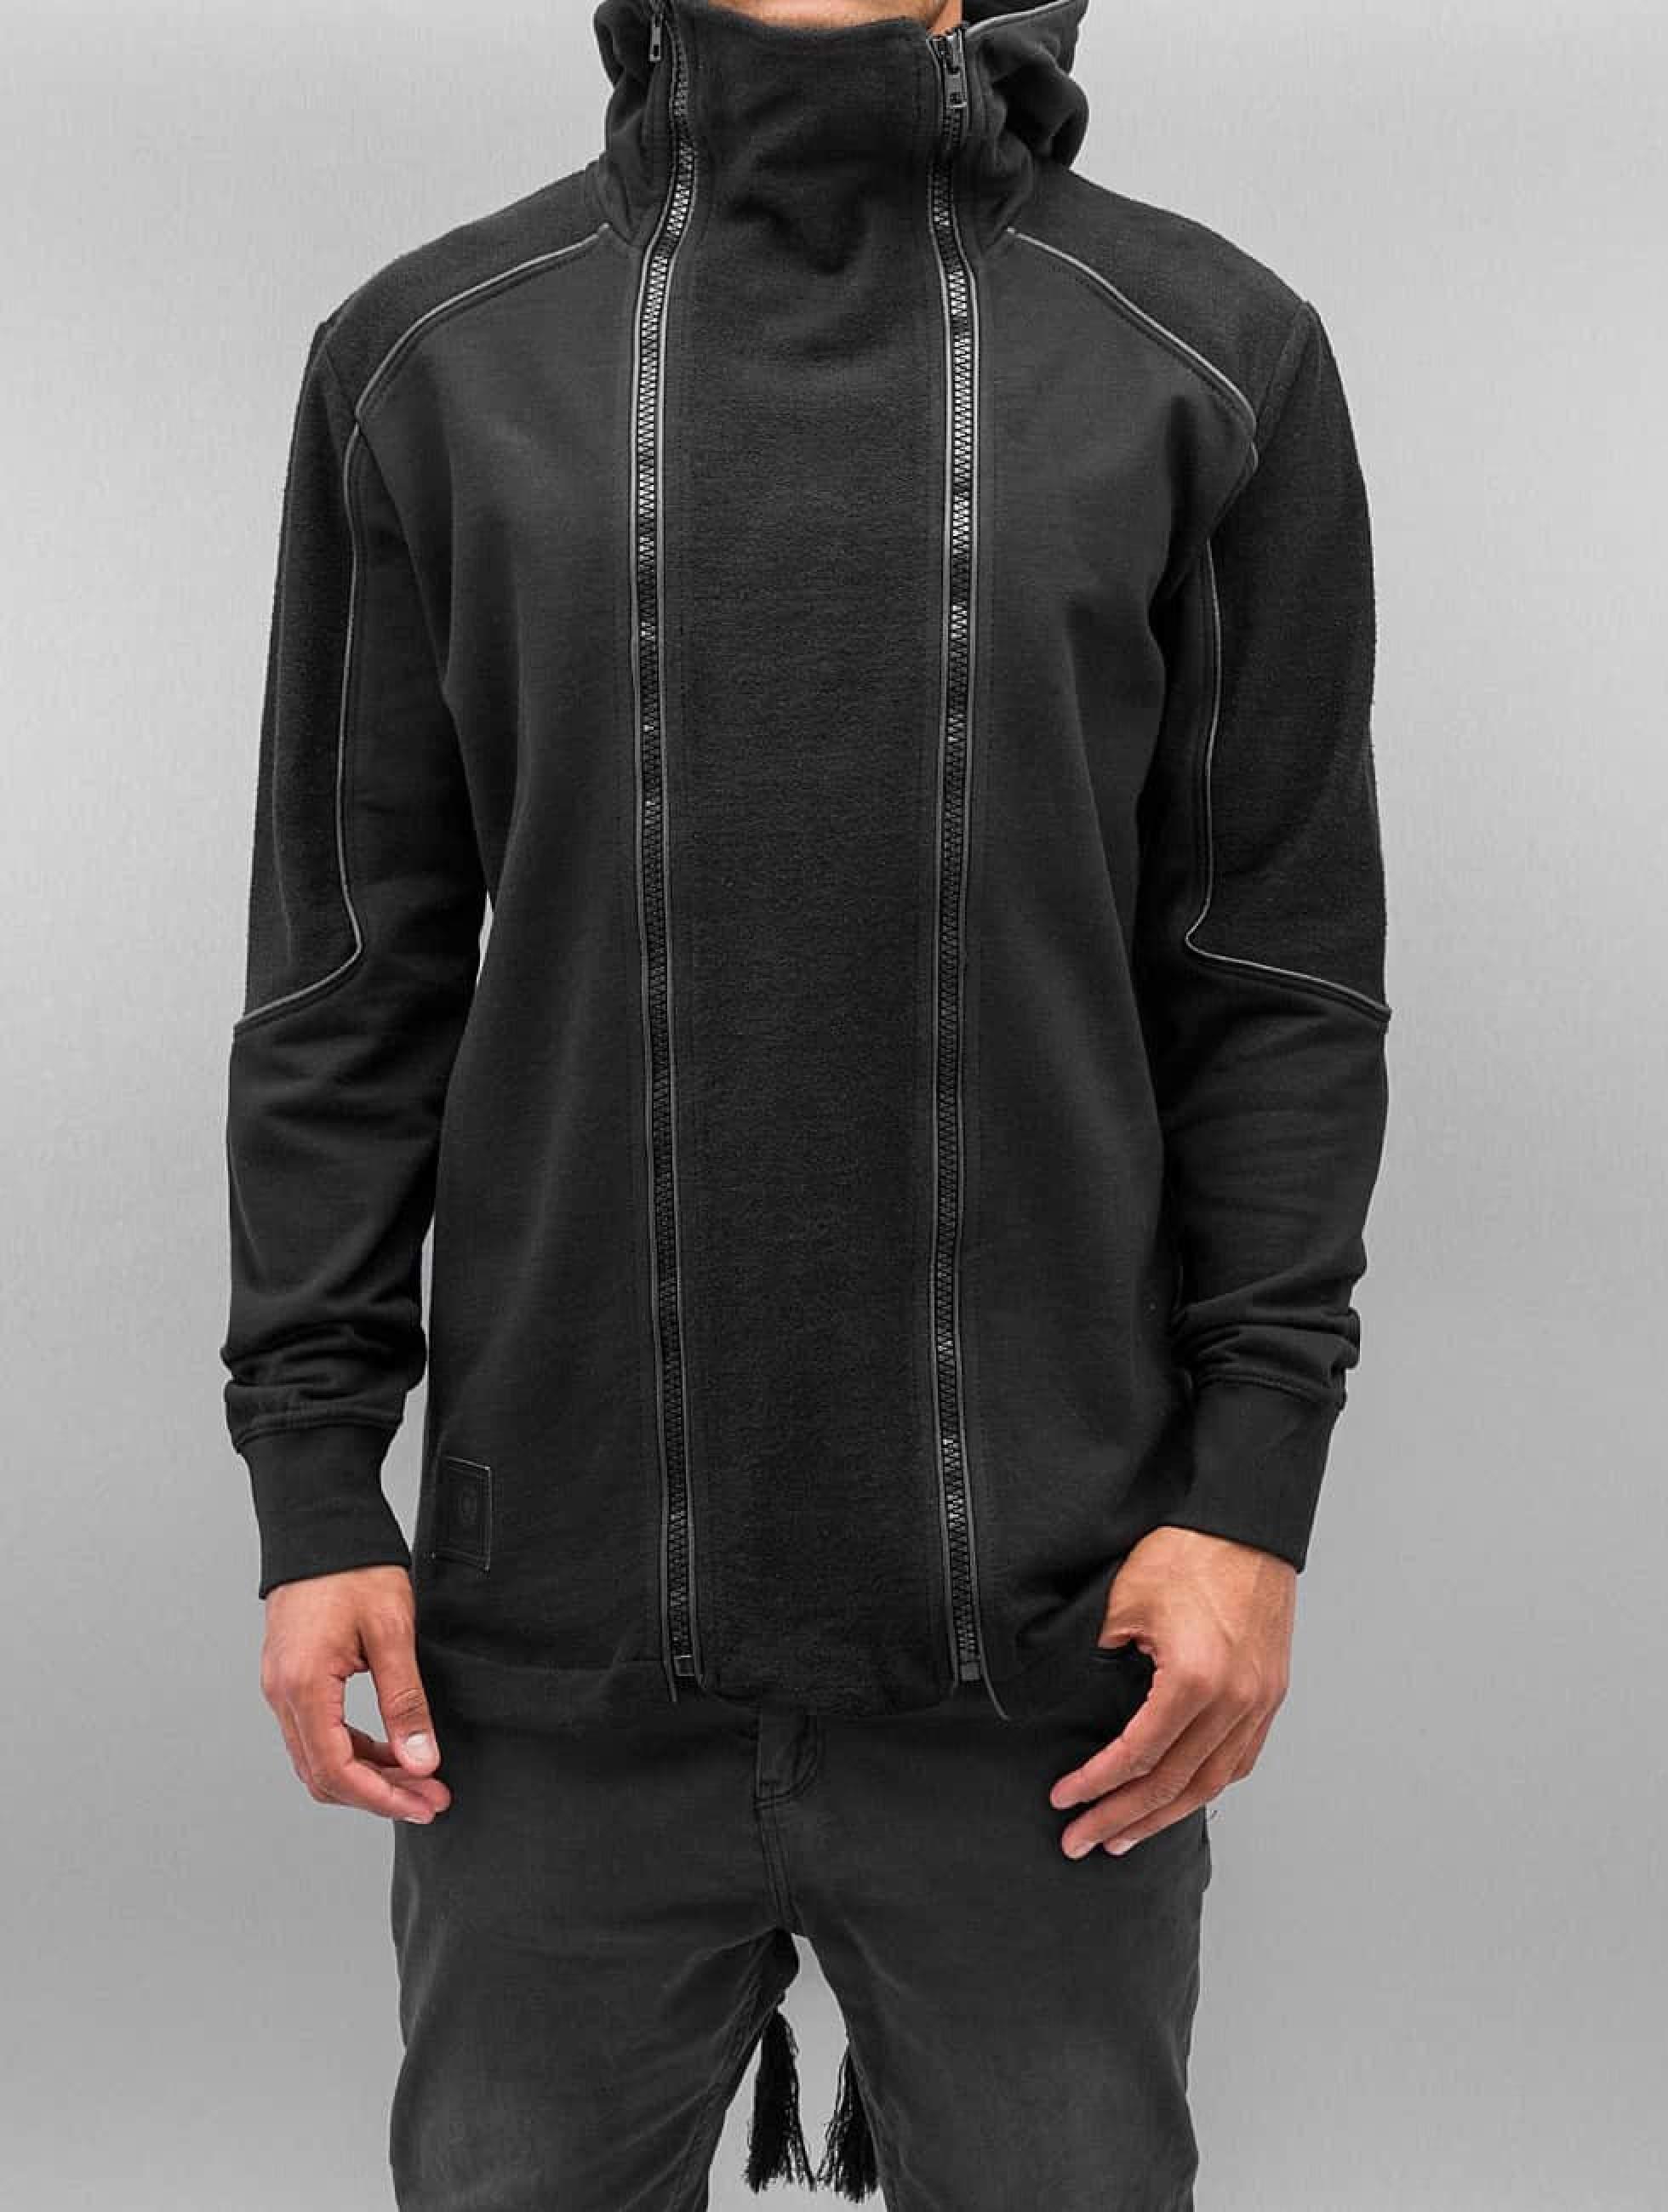 Bangastic / Zip Hoodie Doppel Zip in black S